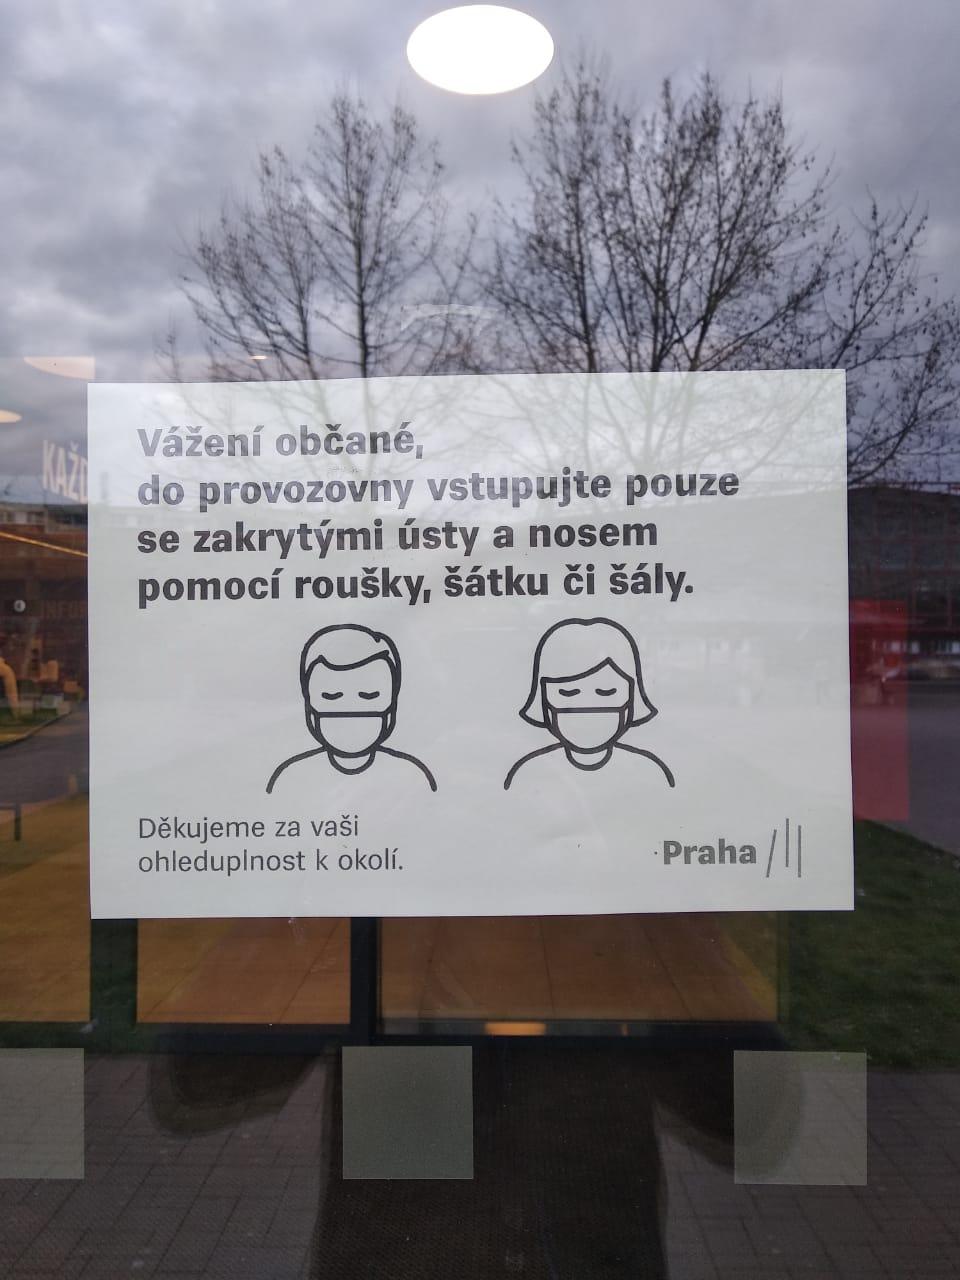 Спрос на маски в Чехии тоже высокий, во многих аптеках они закончились